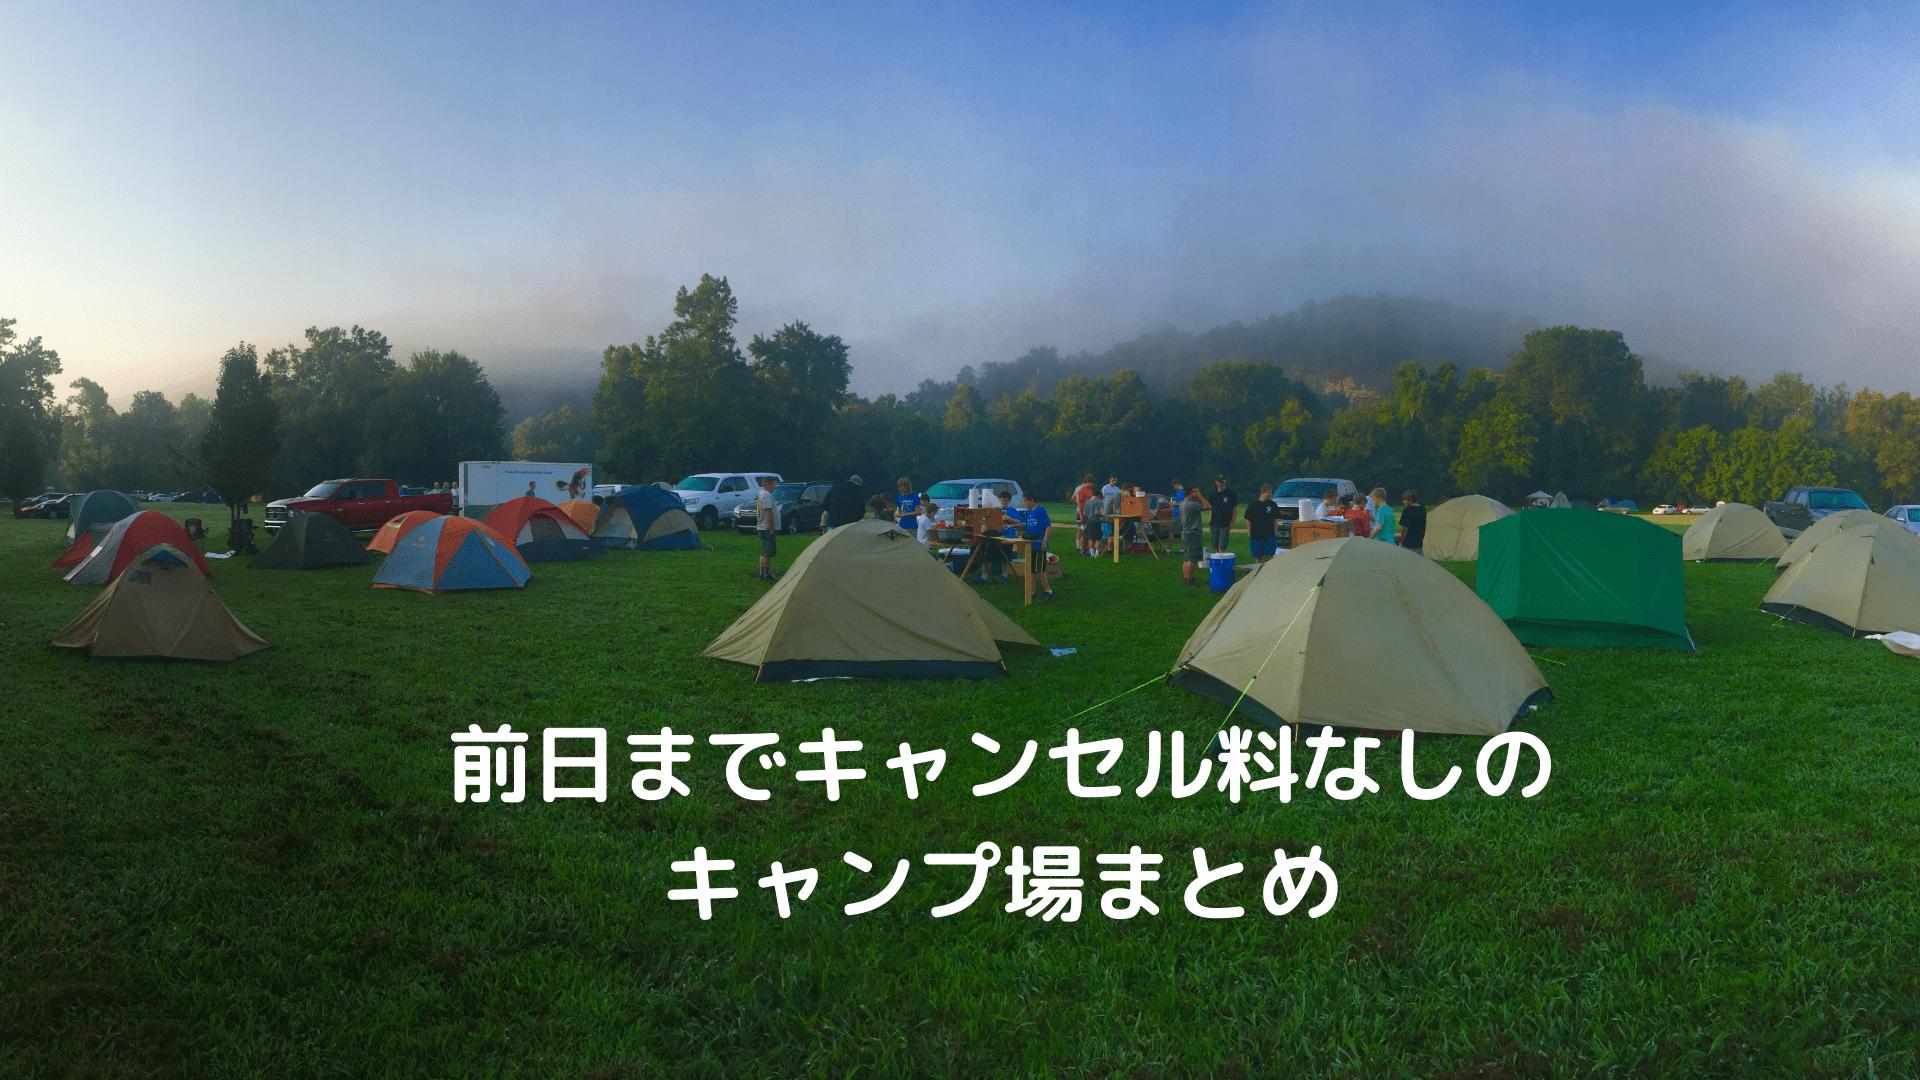 前日までキャンセル料なしの キャンプ場まとめ